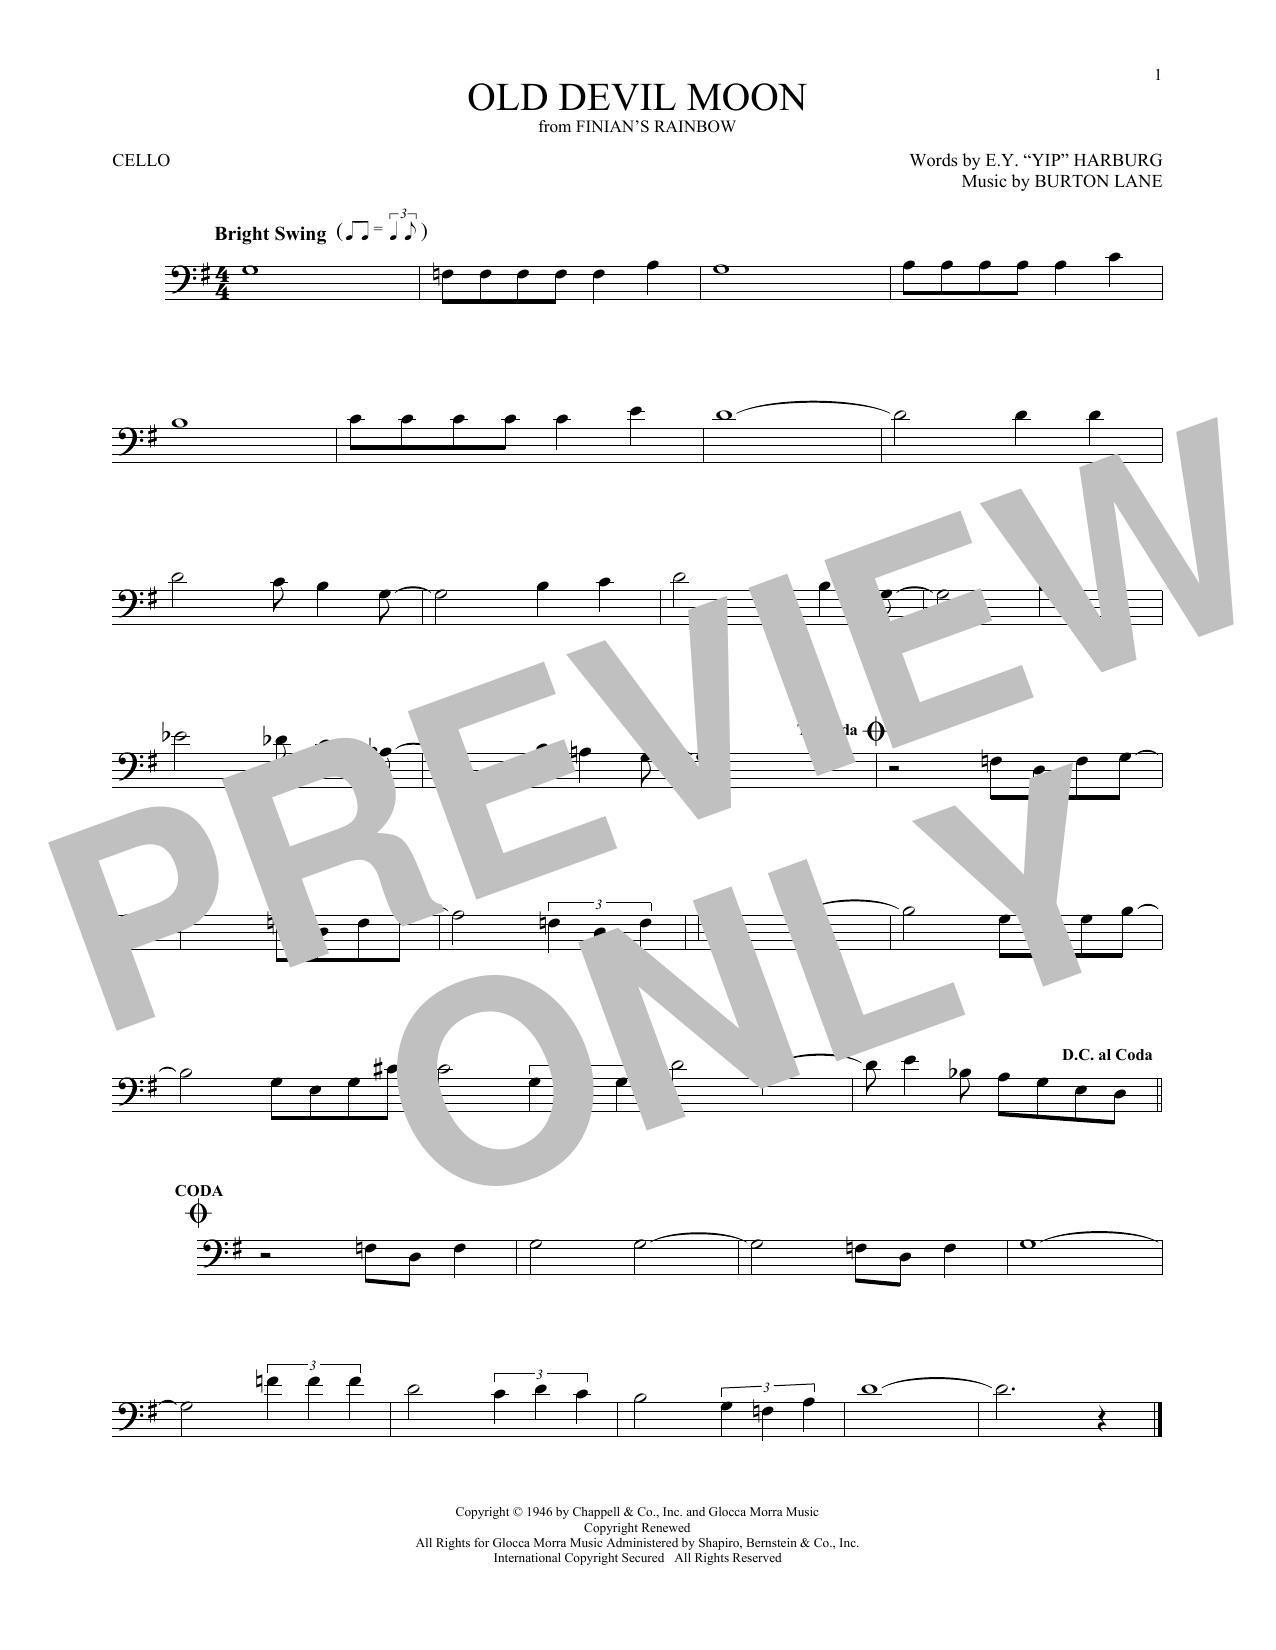 Old Devil Moon (Cello Solo)